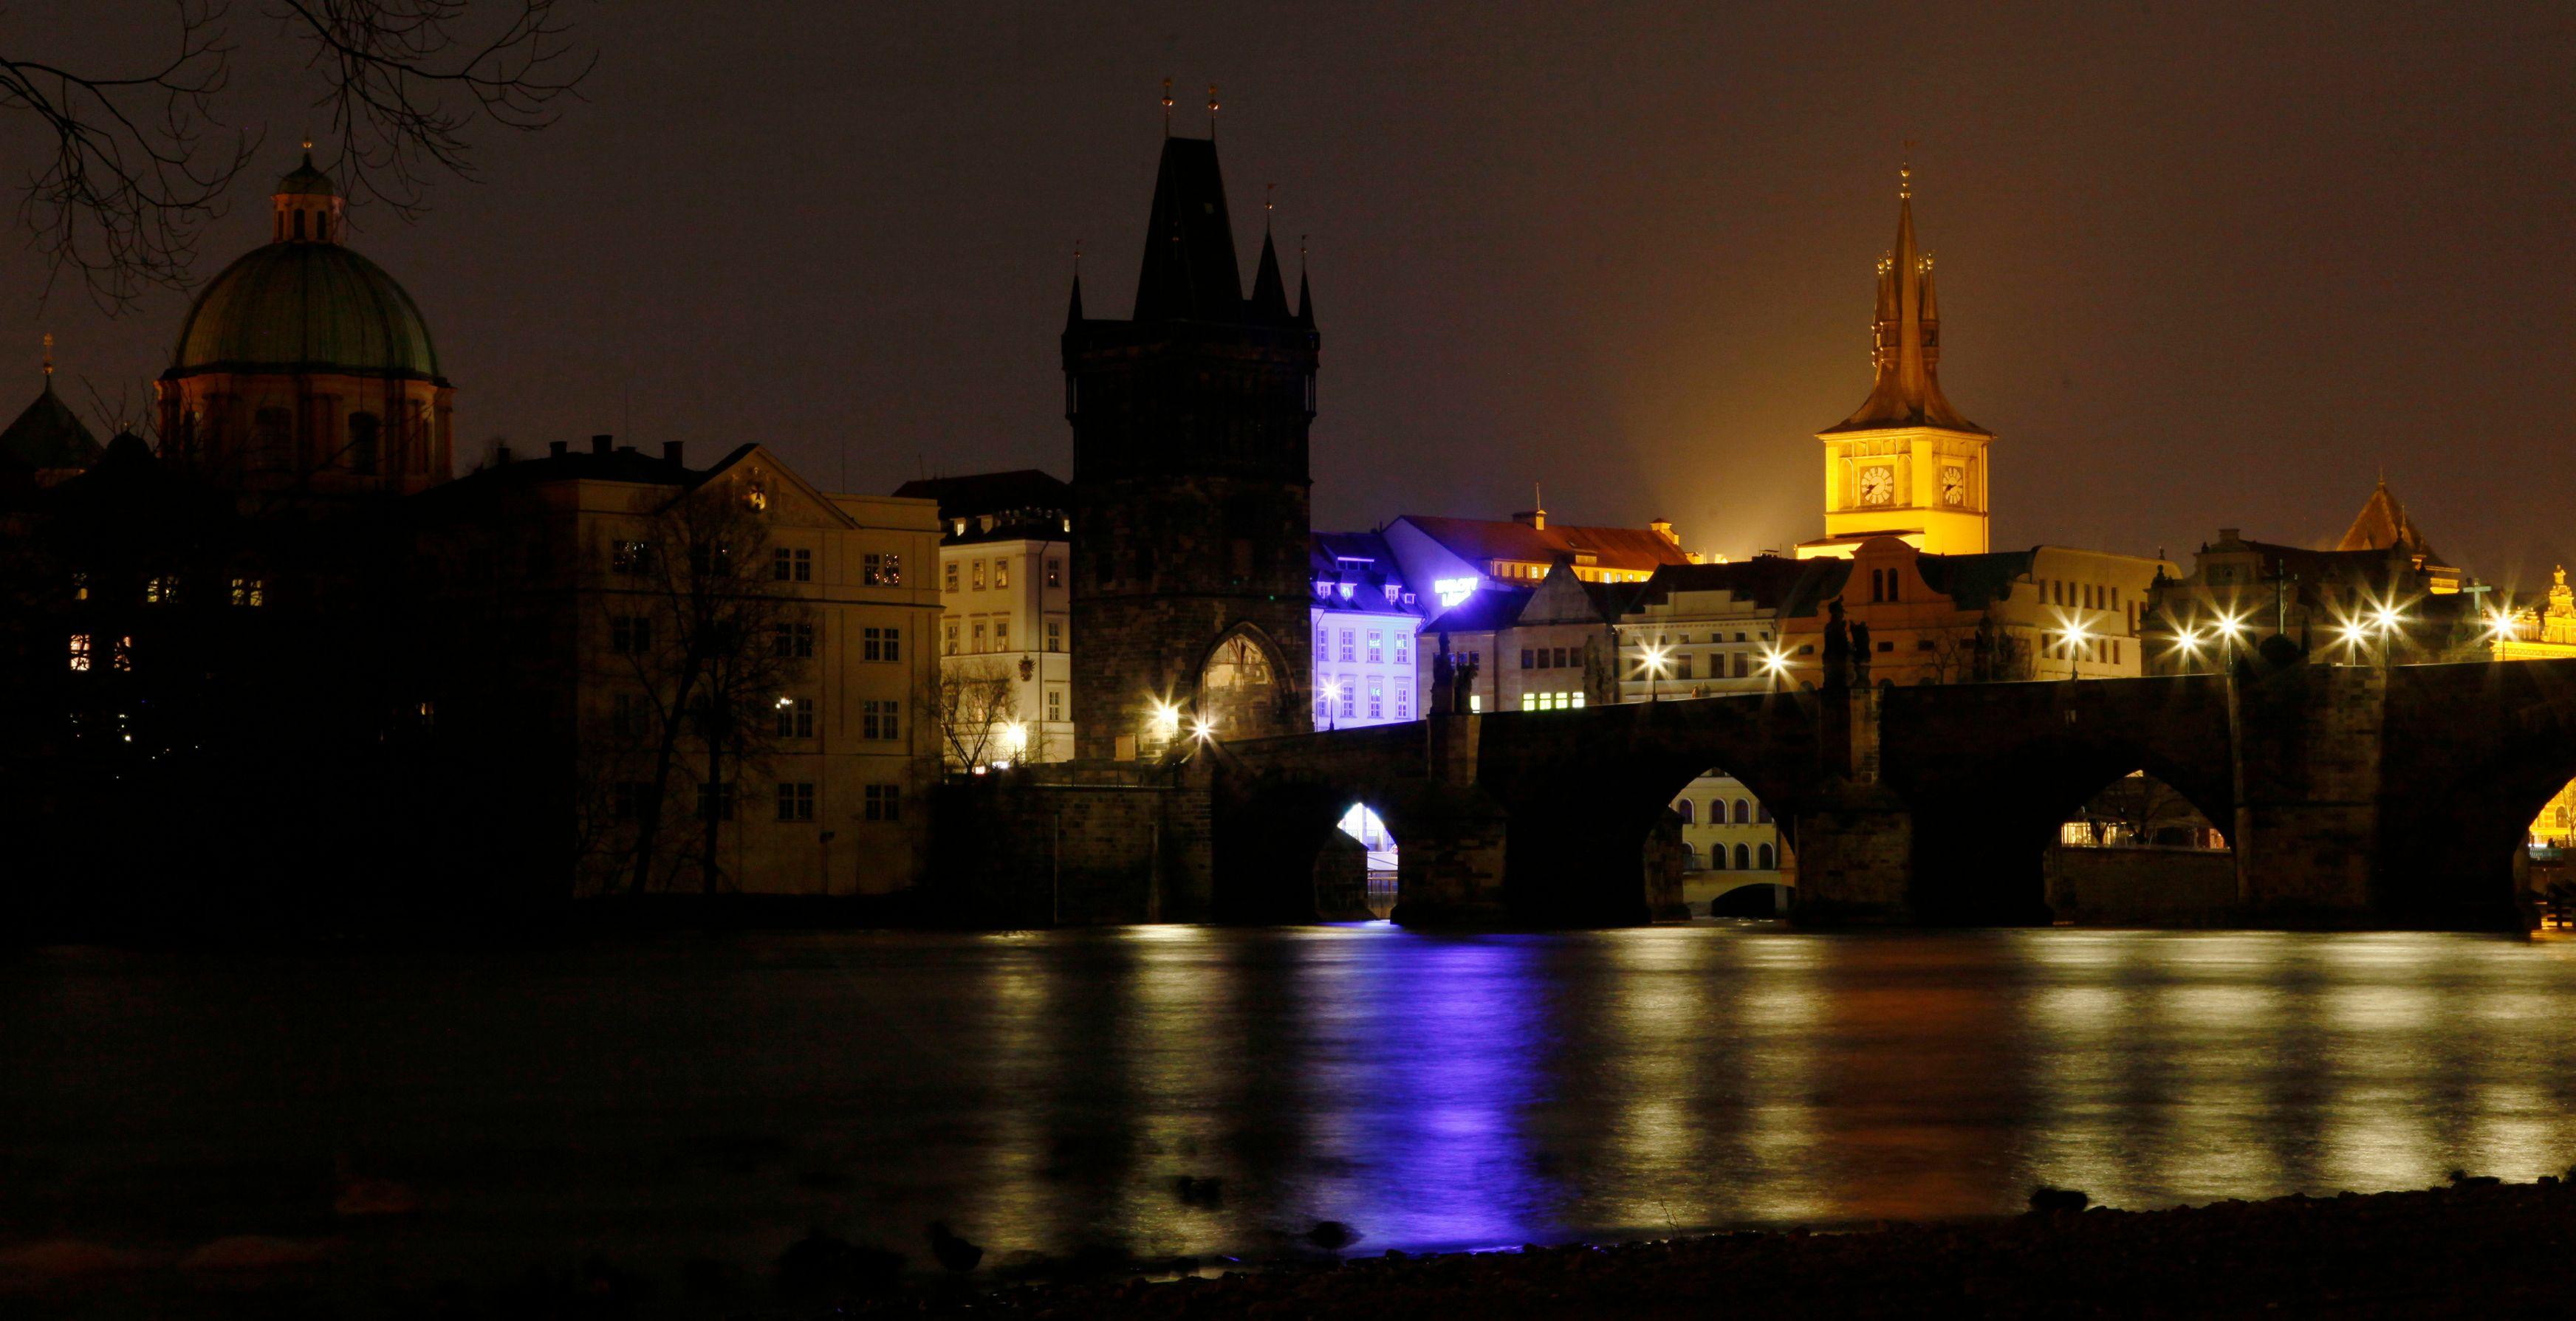 Le pays qui a le plus faible taux de chômage de la zone euro est… La République tchèque. Et voilà pourquoi